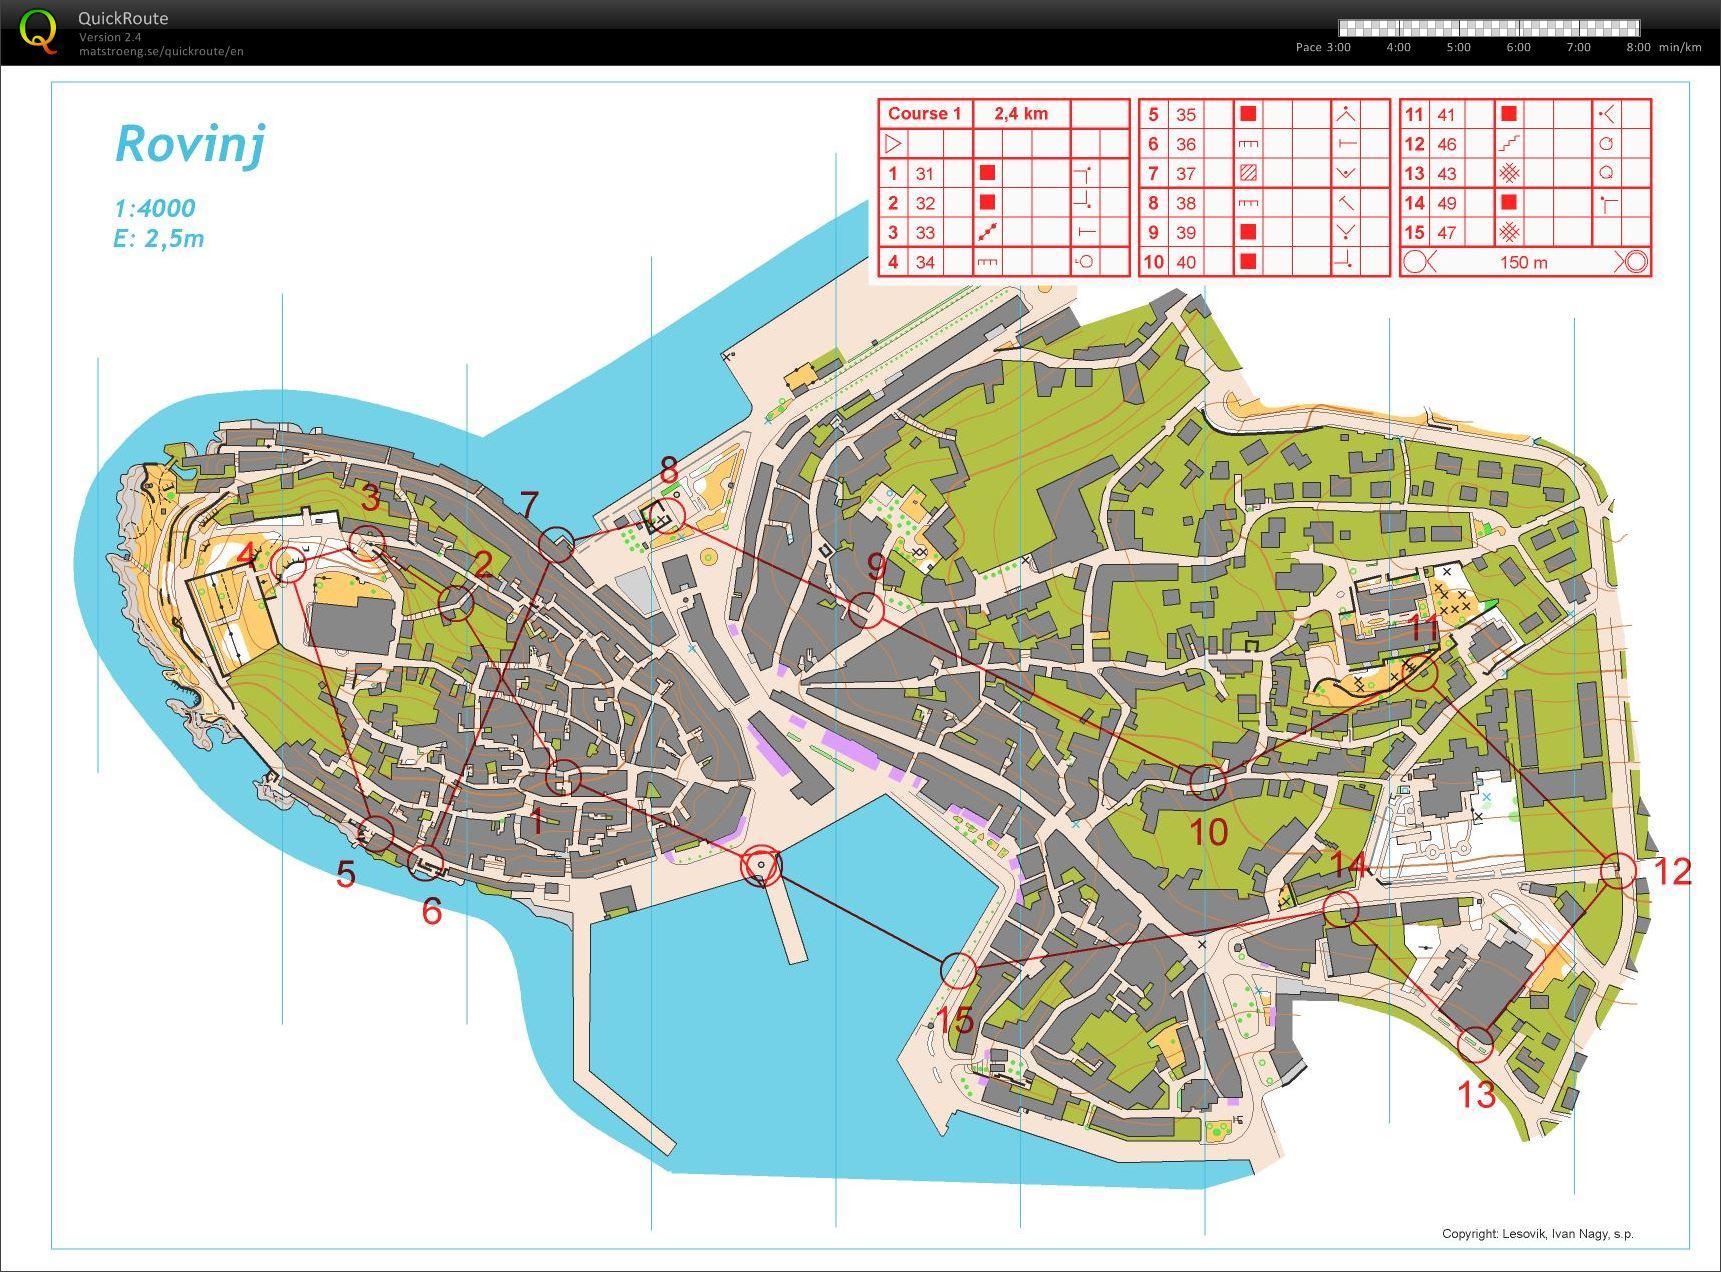 rovinj mapa Linné Utlandsläger   Rovinj sprint   March 3rd 2015   Orienteering  rovinj mapa